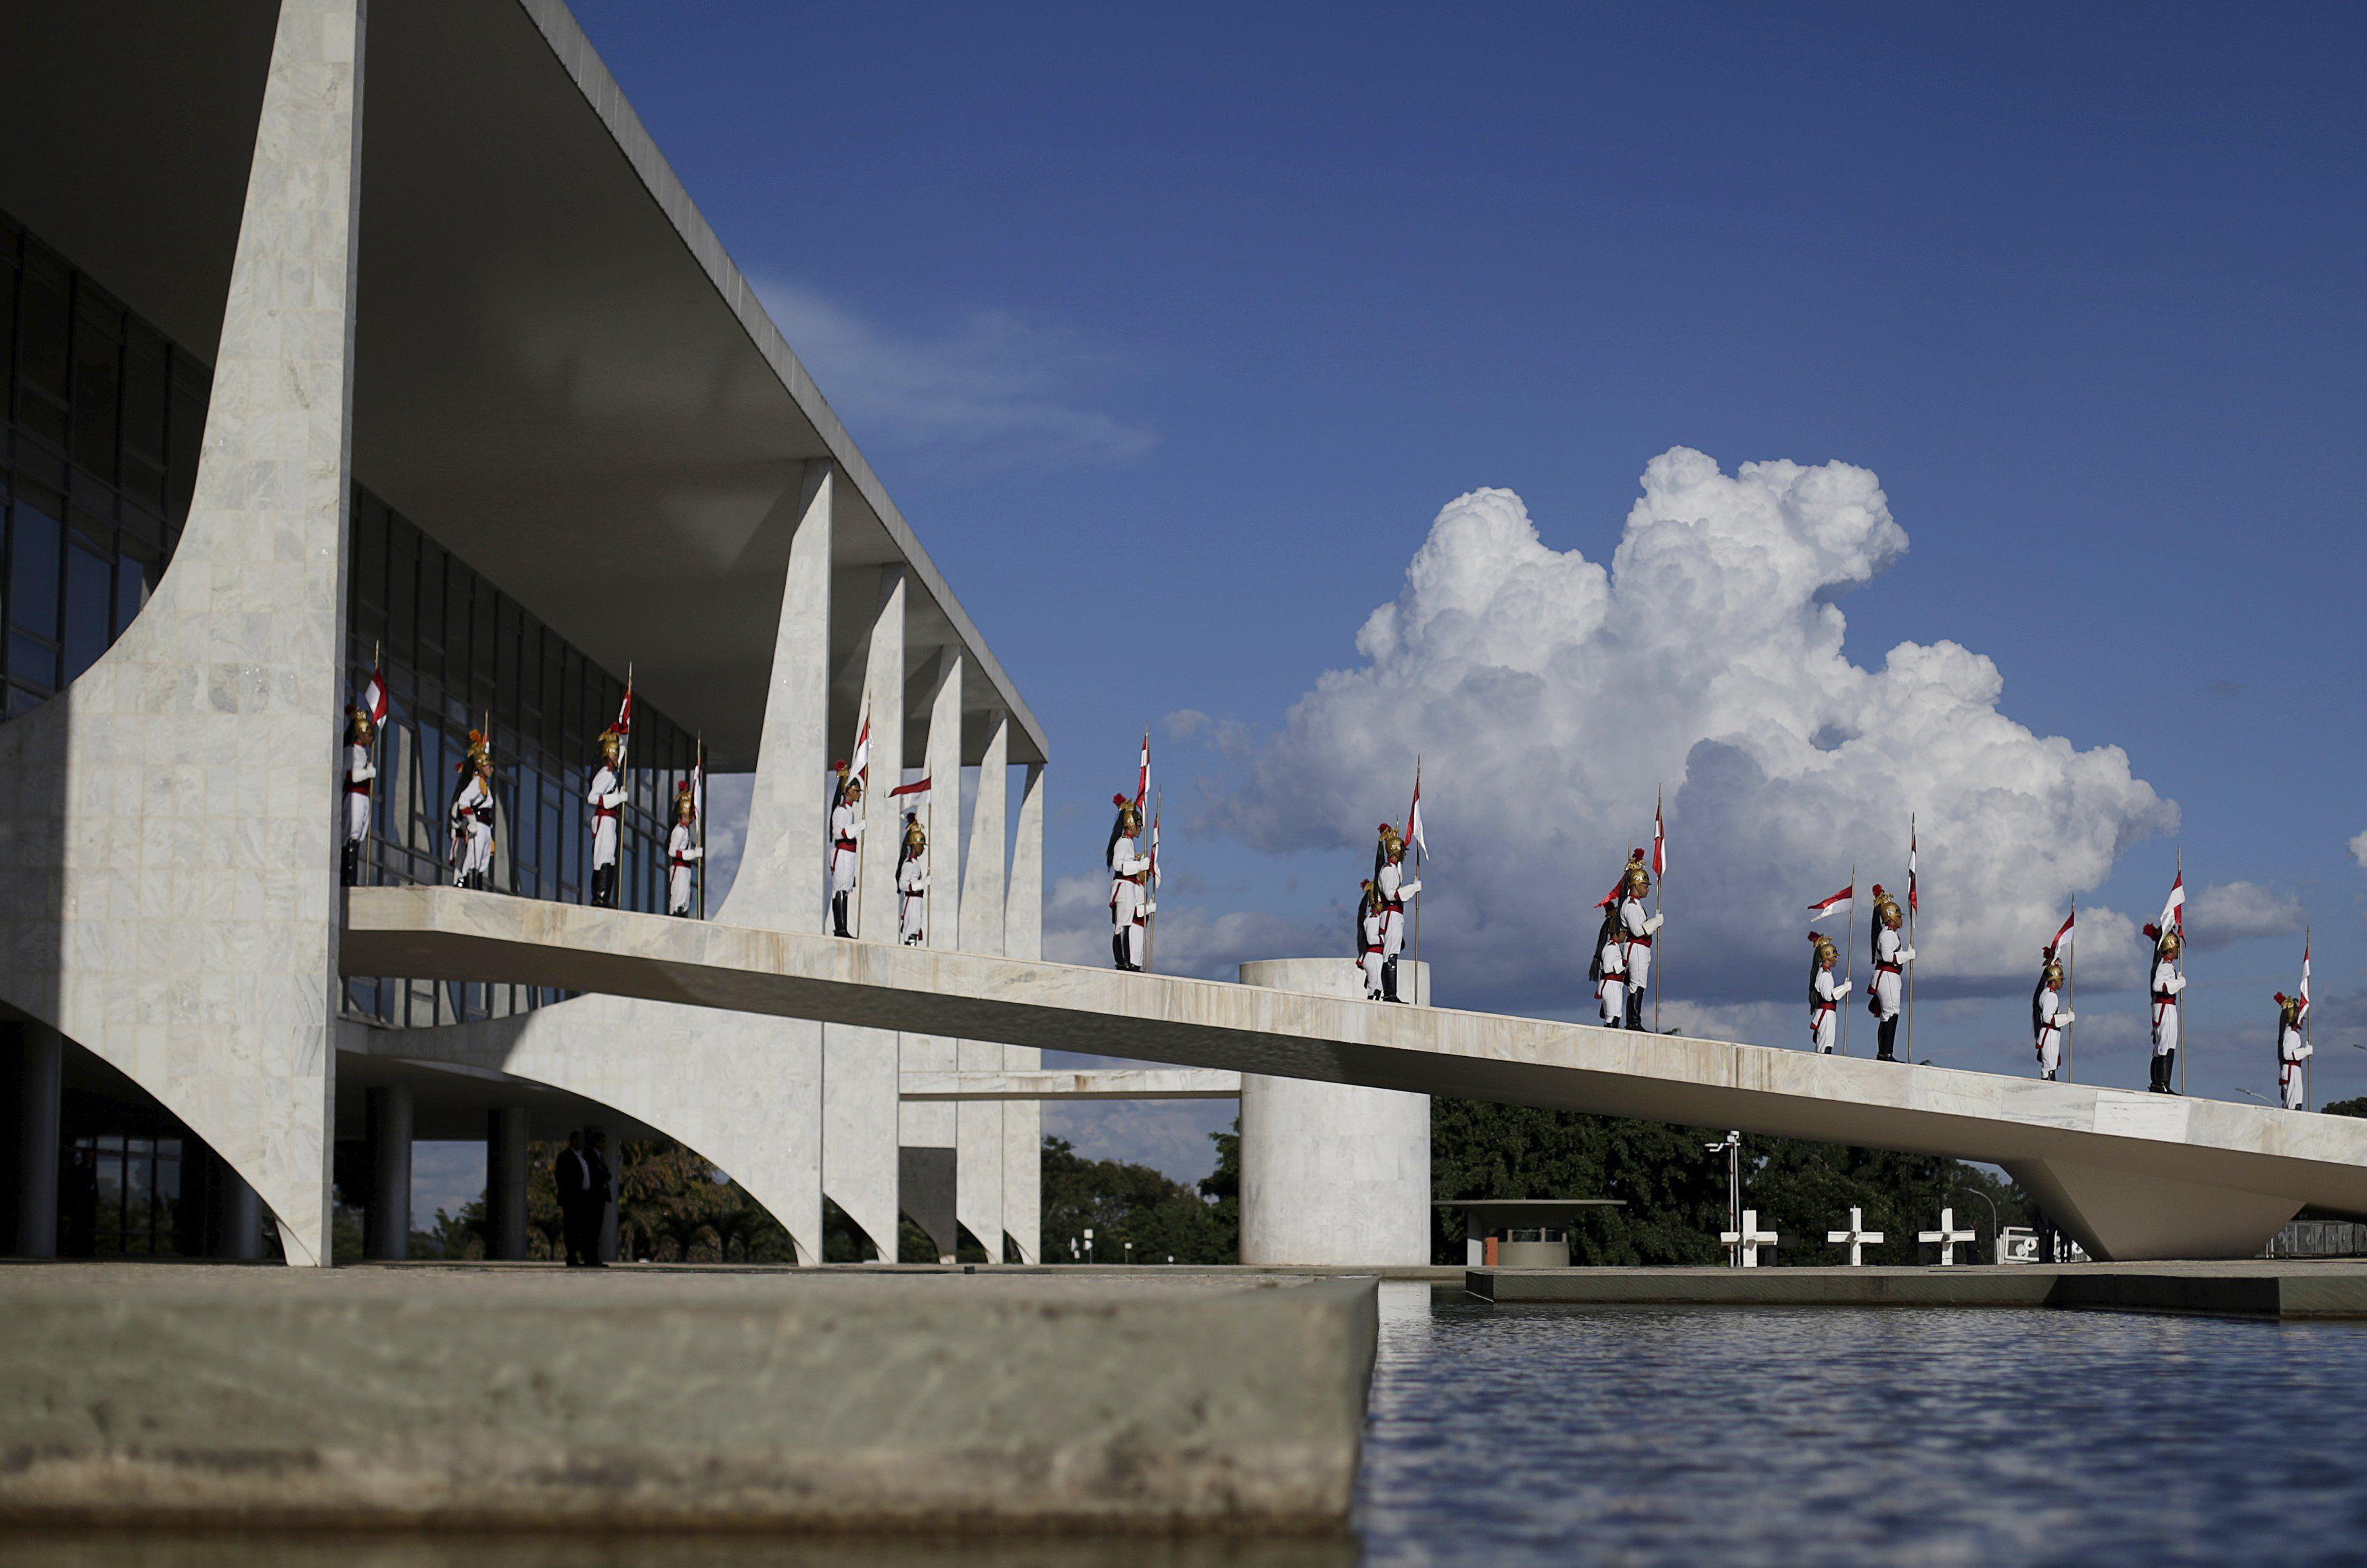 Só o Congresso Nacional e os partidos políticos perdem do Palácio do Planalto / Ricardo Moraes/Reuters